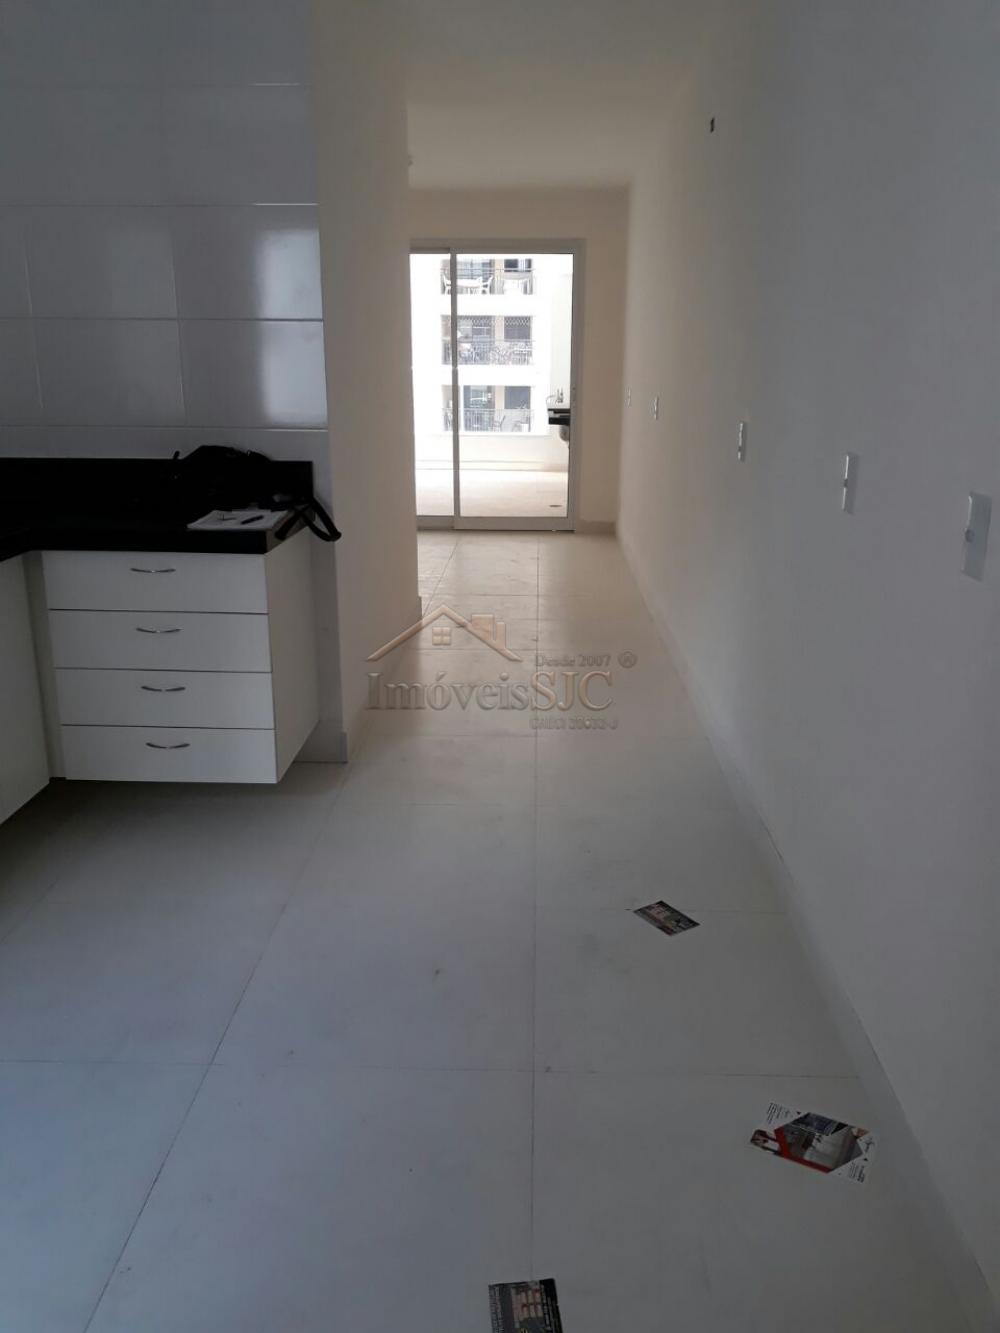 Alugar Apartamentos / Padrão em São José dos Campos apenas R$ 3.500,00 - Foto 11